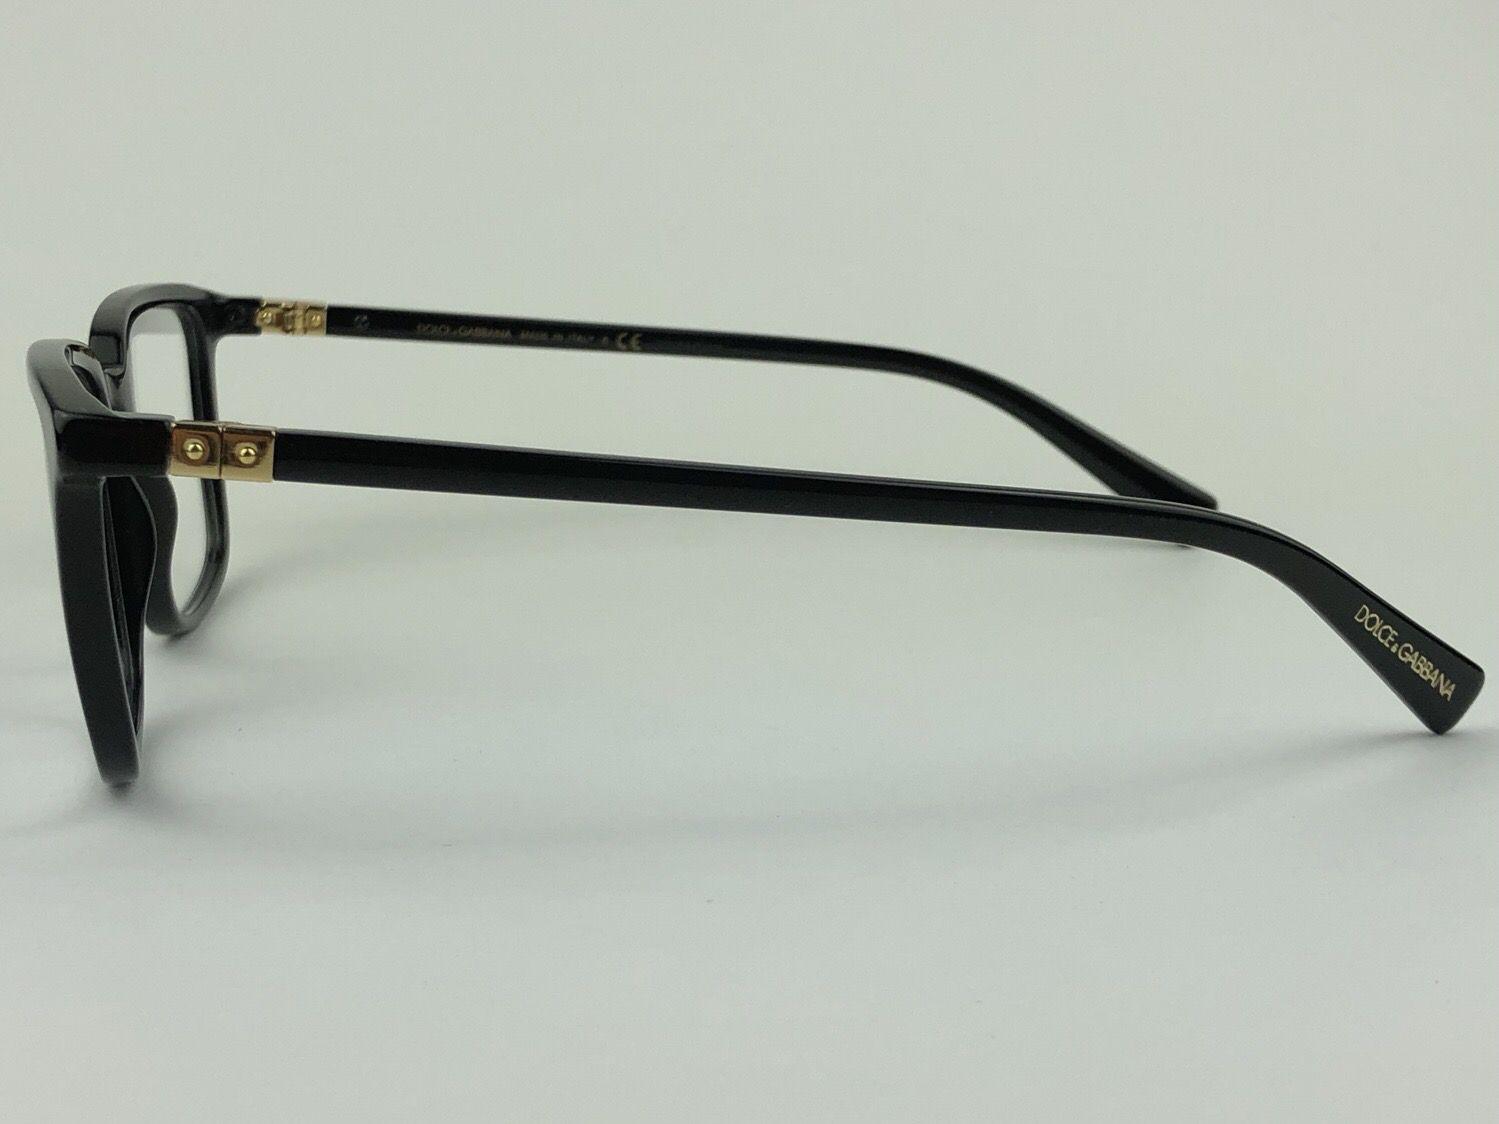 Dolce & Gabbana - DG3304 - Preto - 501 - 54/19 - Armação para grau